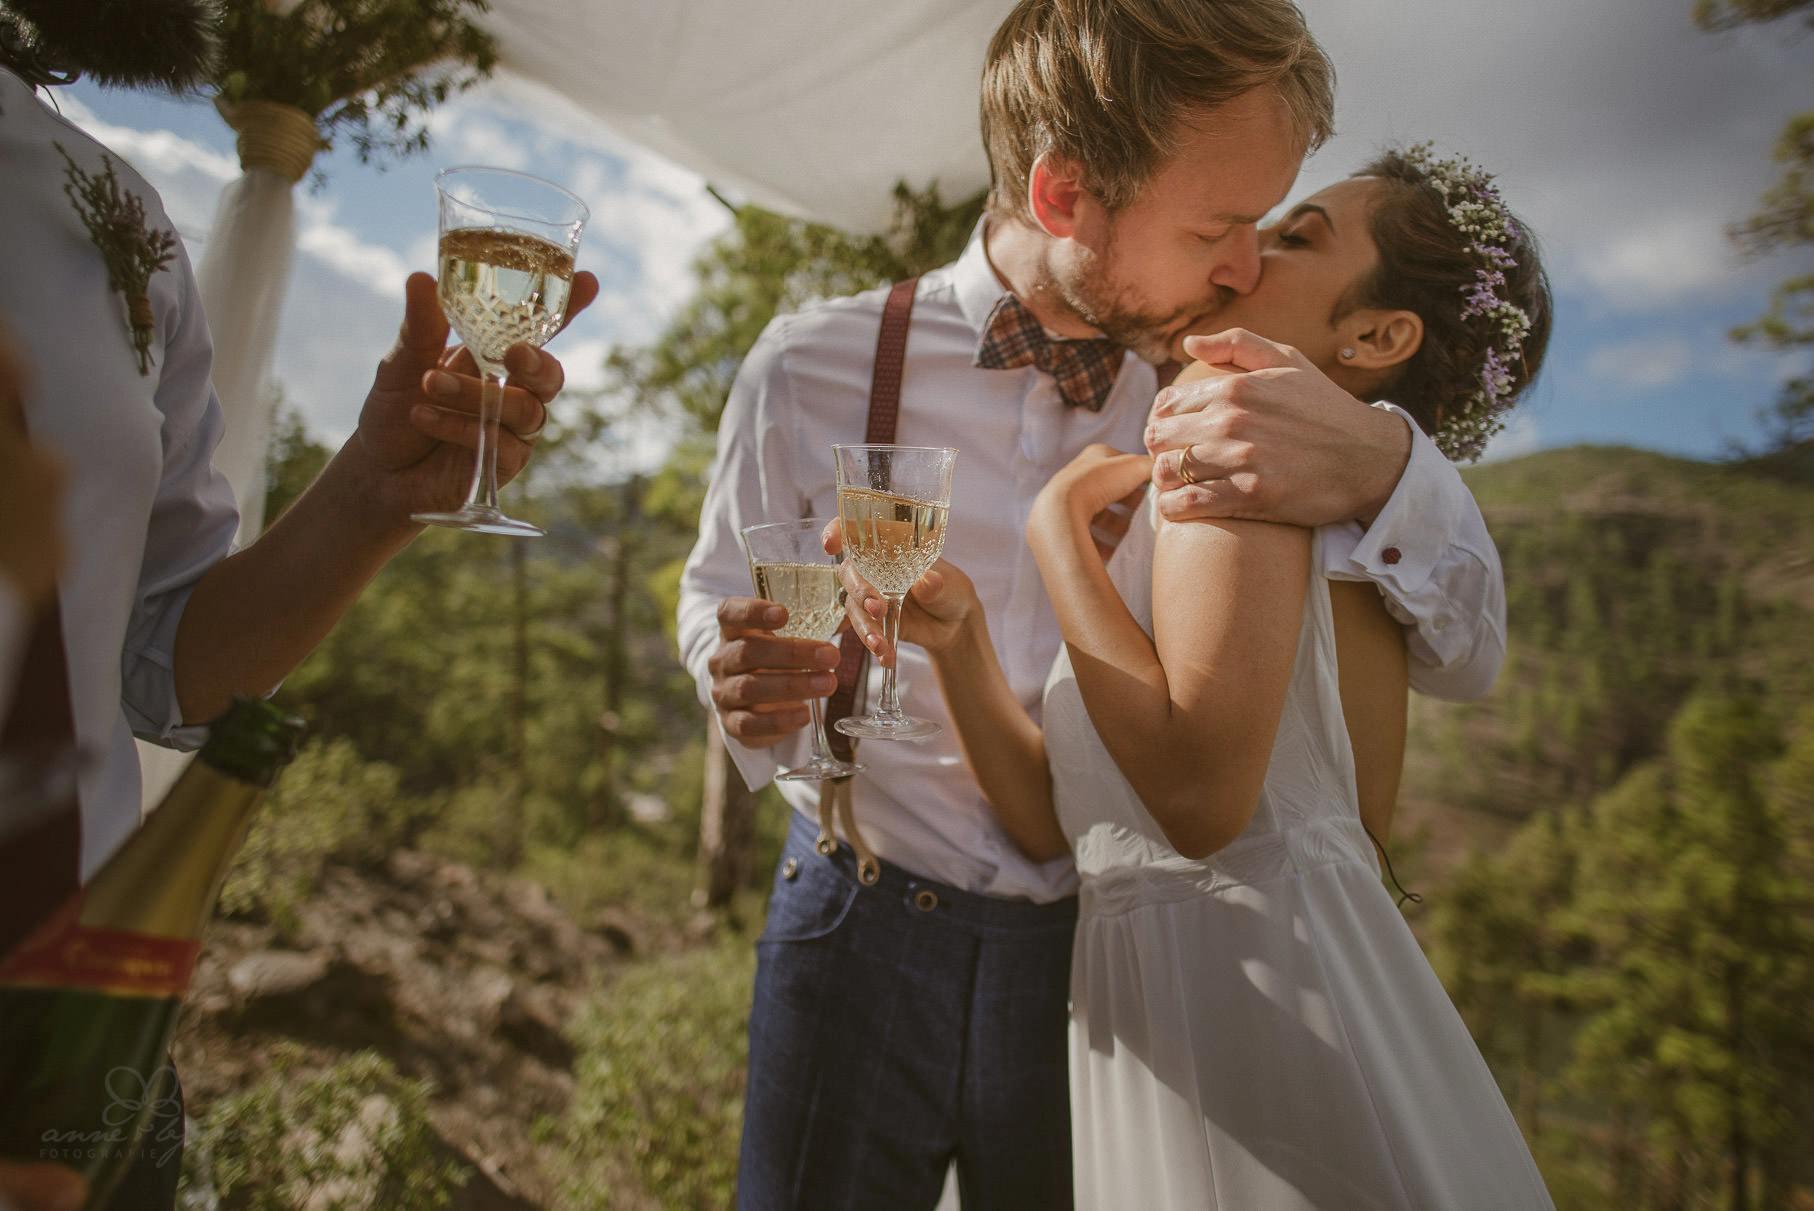 0087 lug d75 6694 - Hochzeit auf Gran Canaria - Linda & Gerald (Elopement)